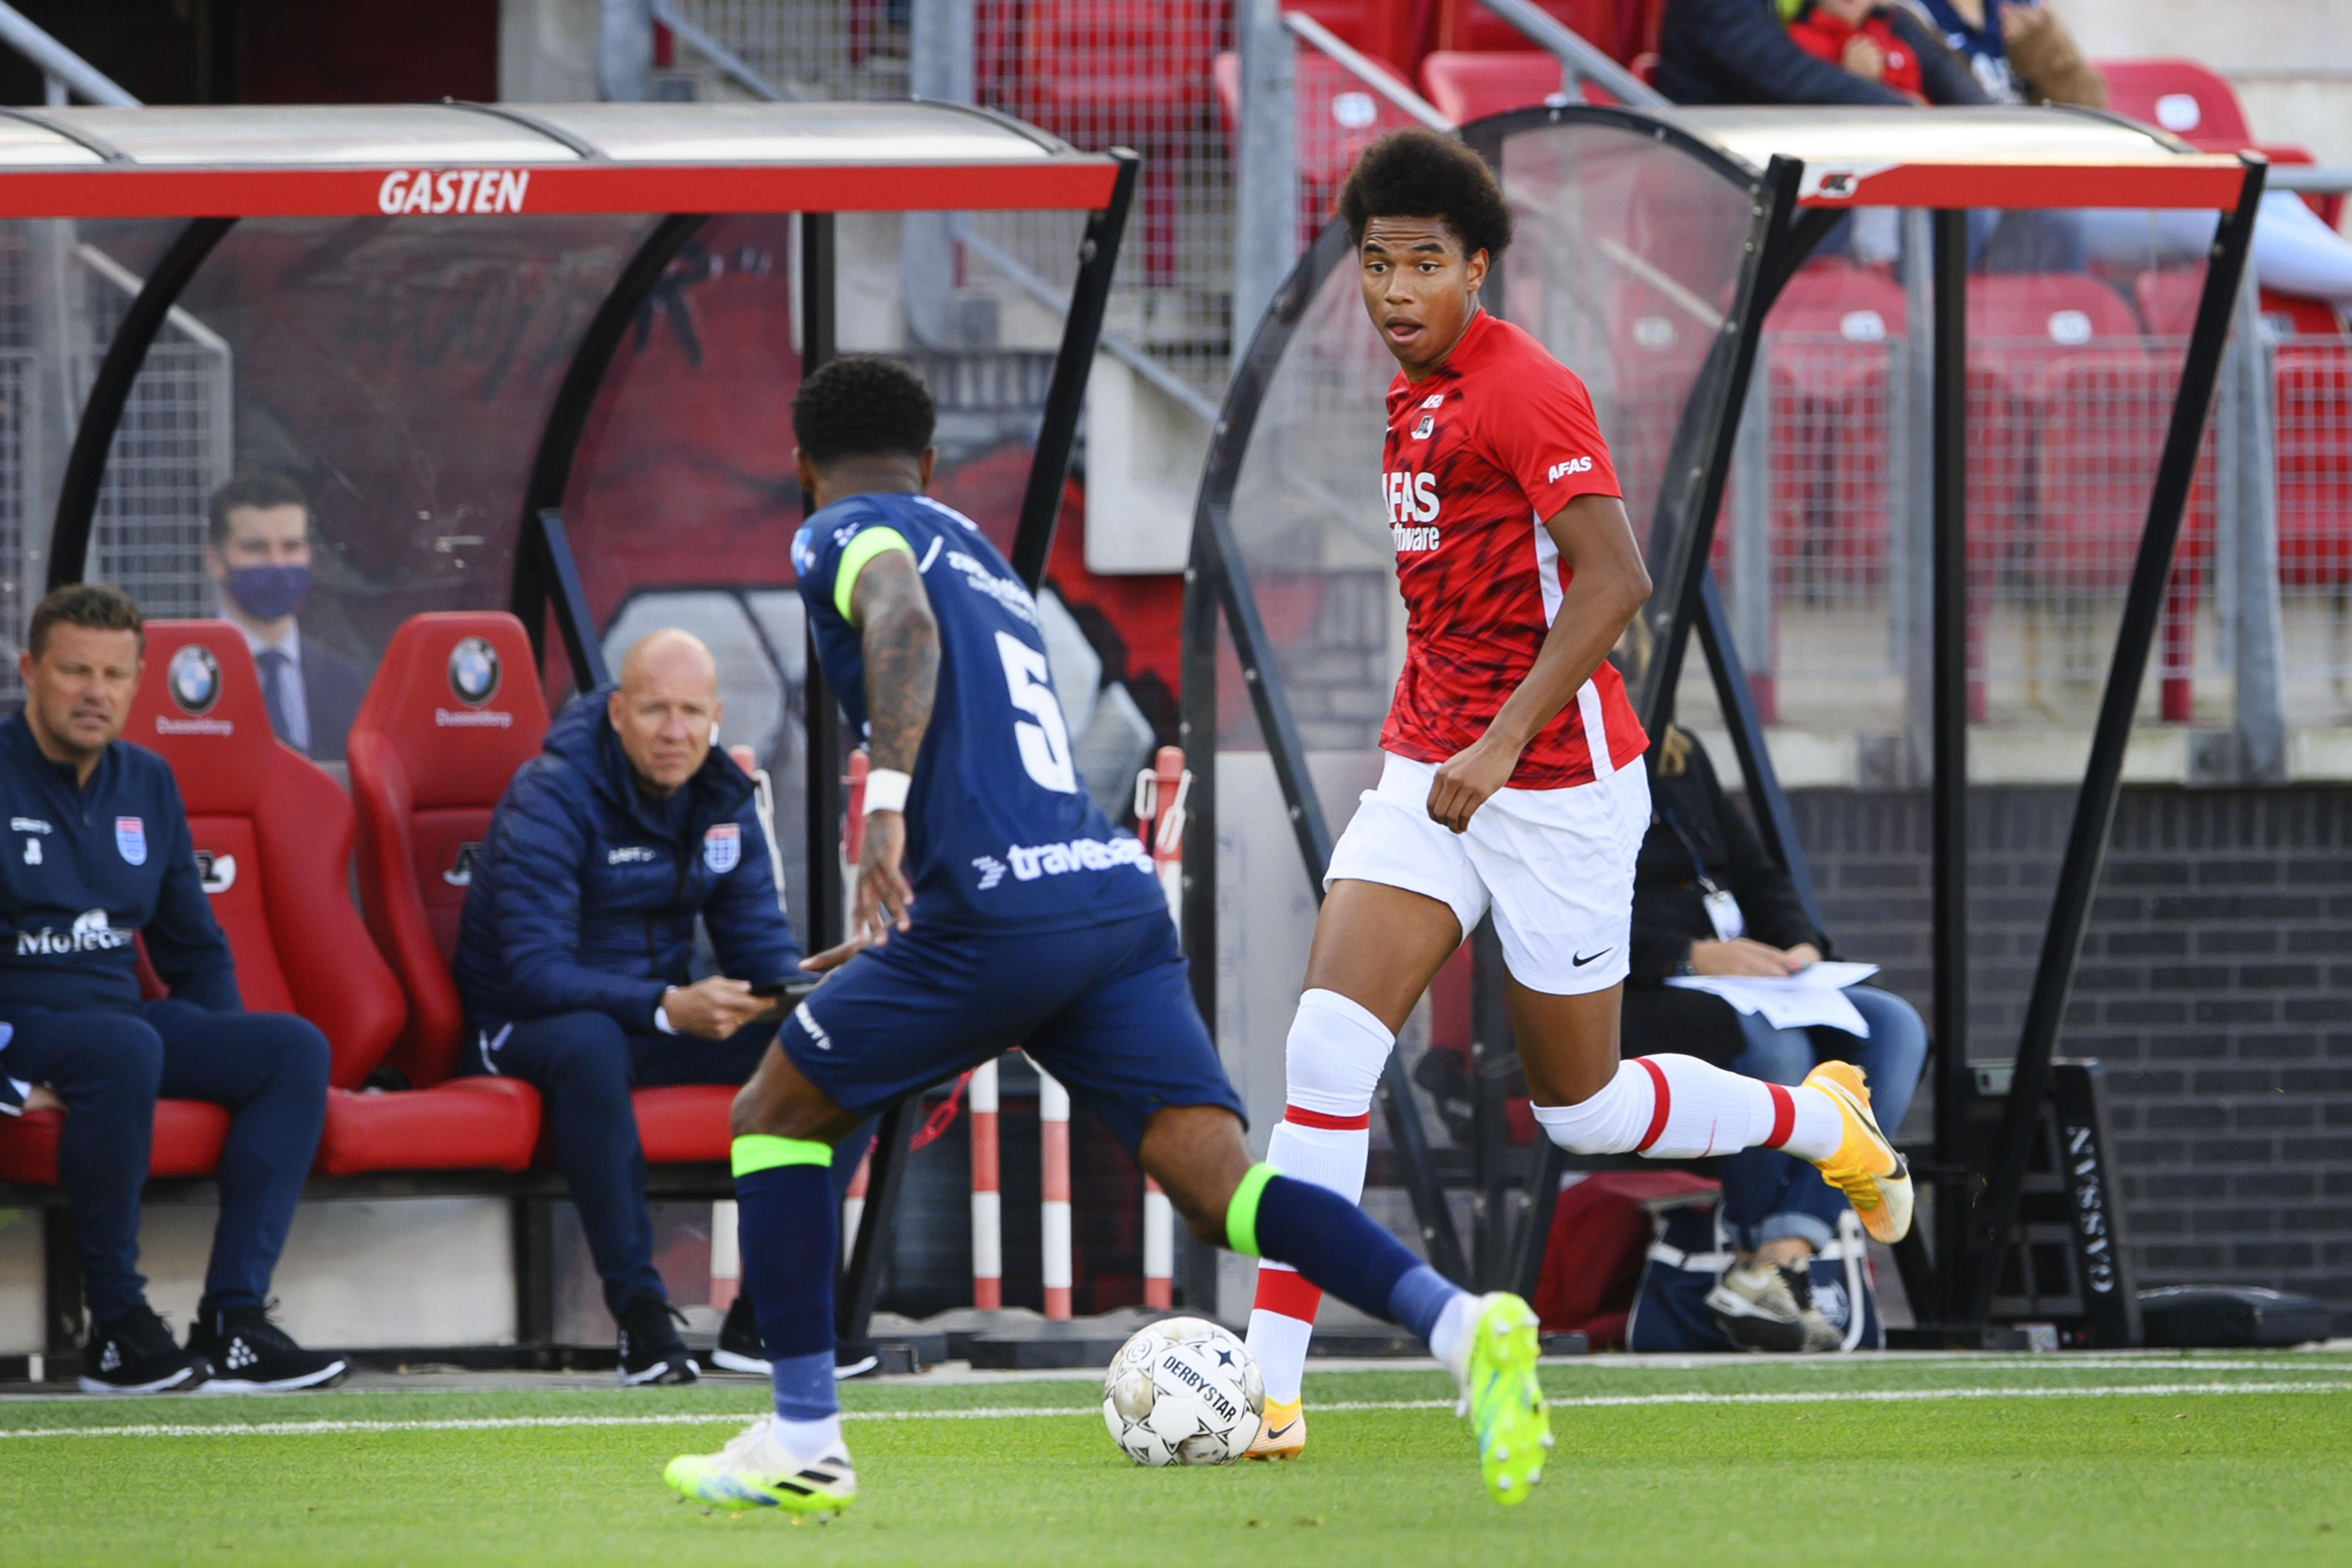 AZ verandert langzaam maar zeker in FC Noord-Holland. Meerderheid spelers komt uit de provincie - en dat is zeker geen toeval